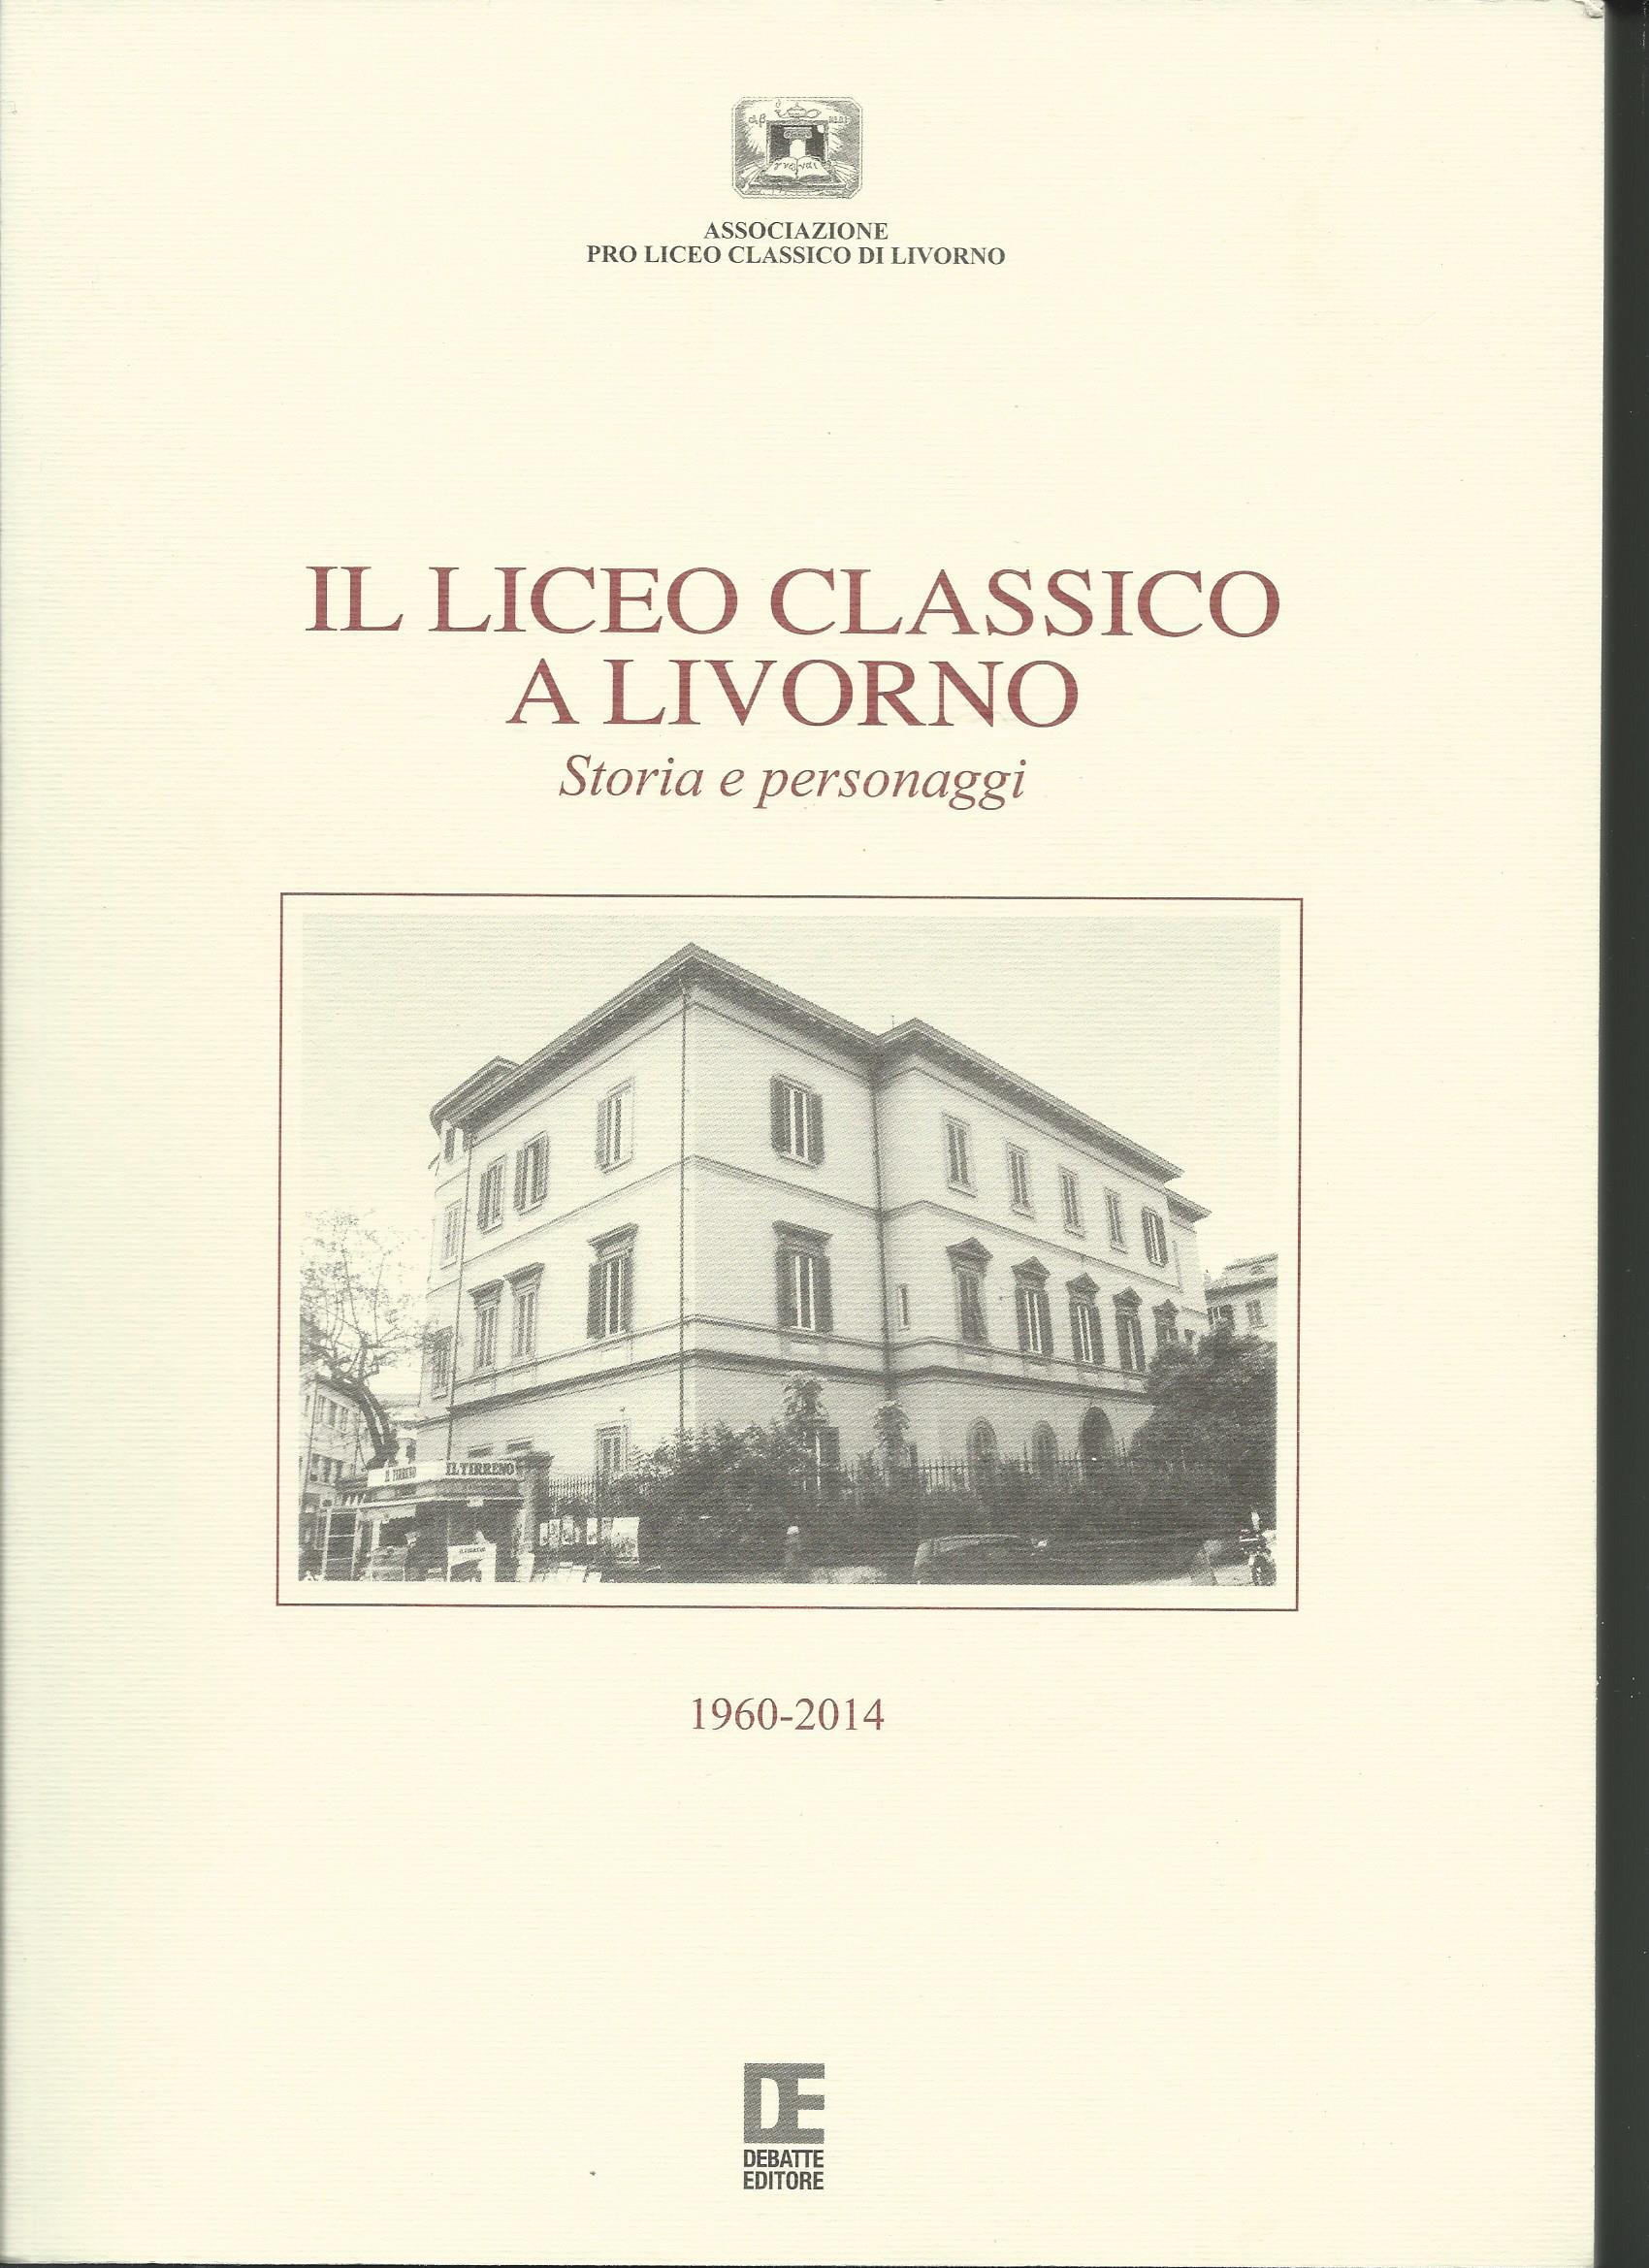 Il Liceo Classico a Livorno